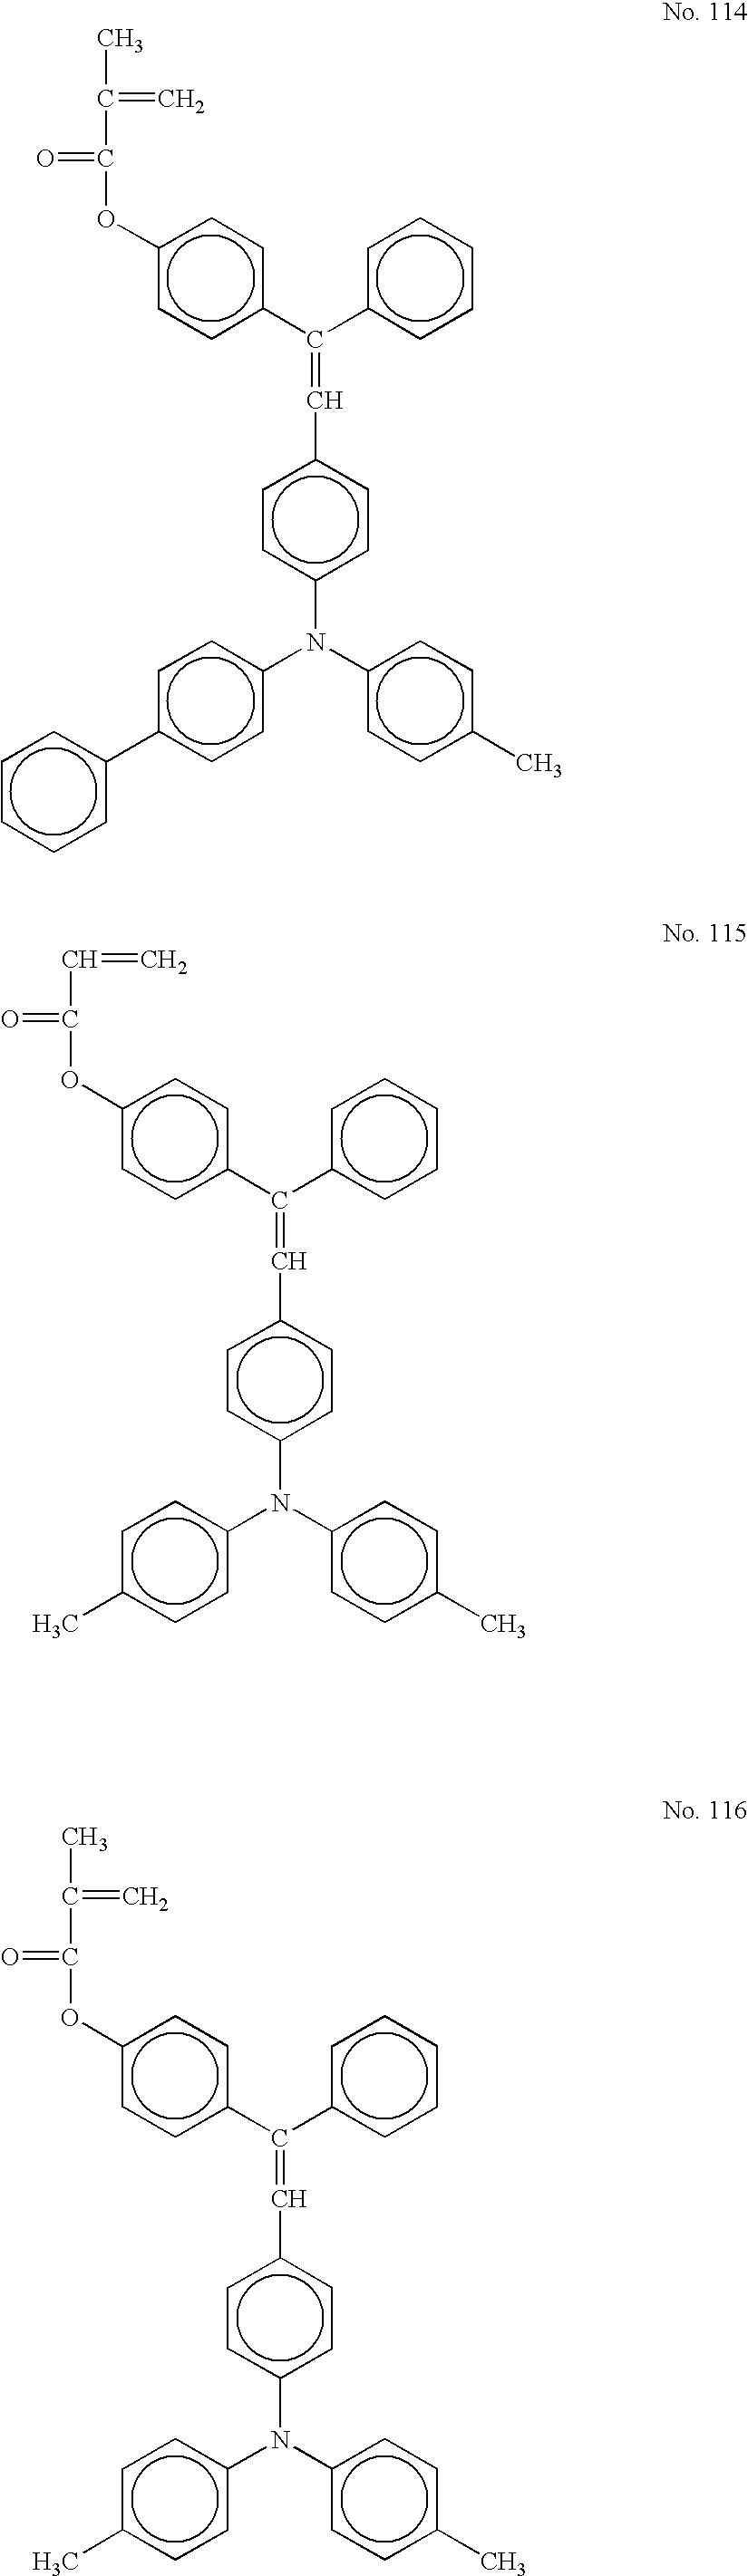 Figure US20060177749A1-20060810-C00057